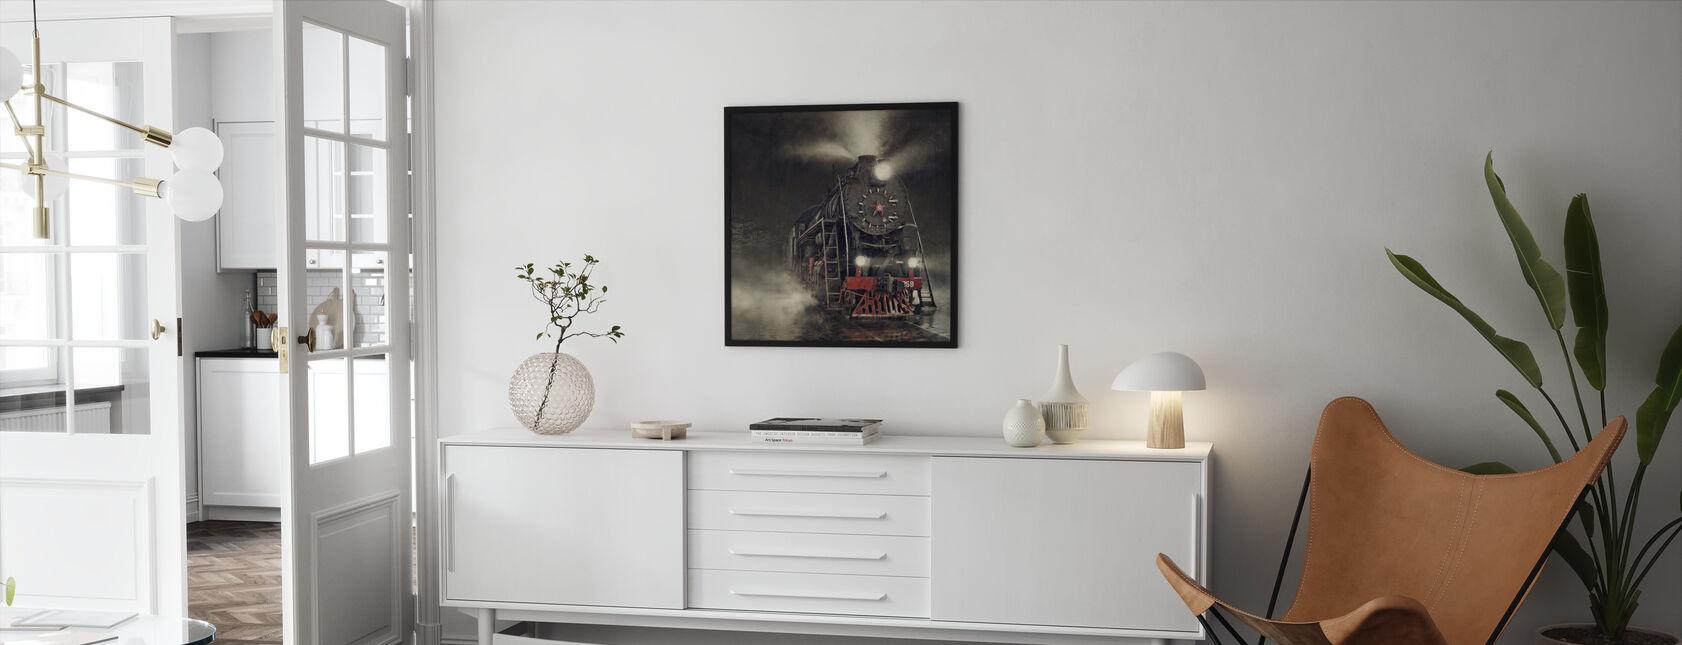 Train in the Rain - Framed print - Living Room